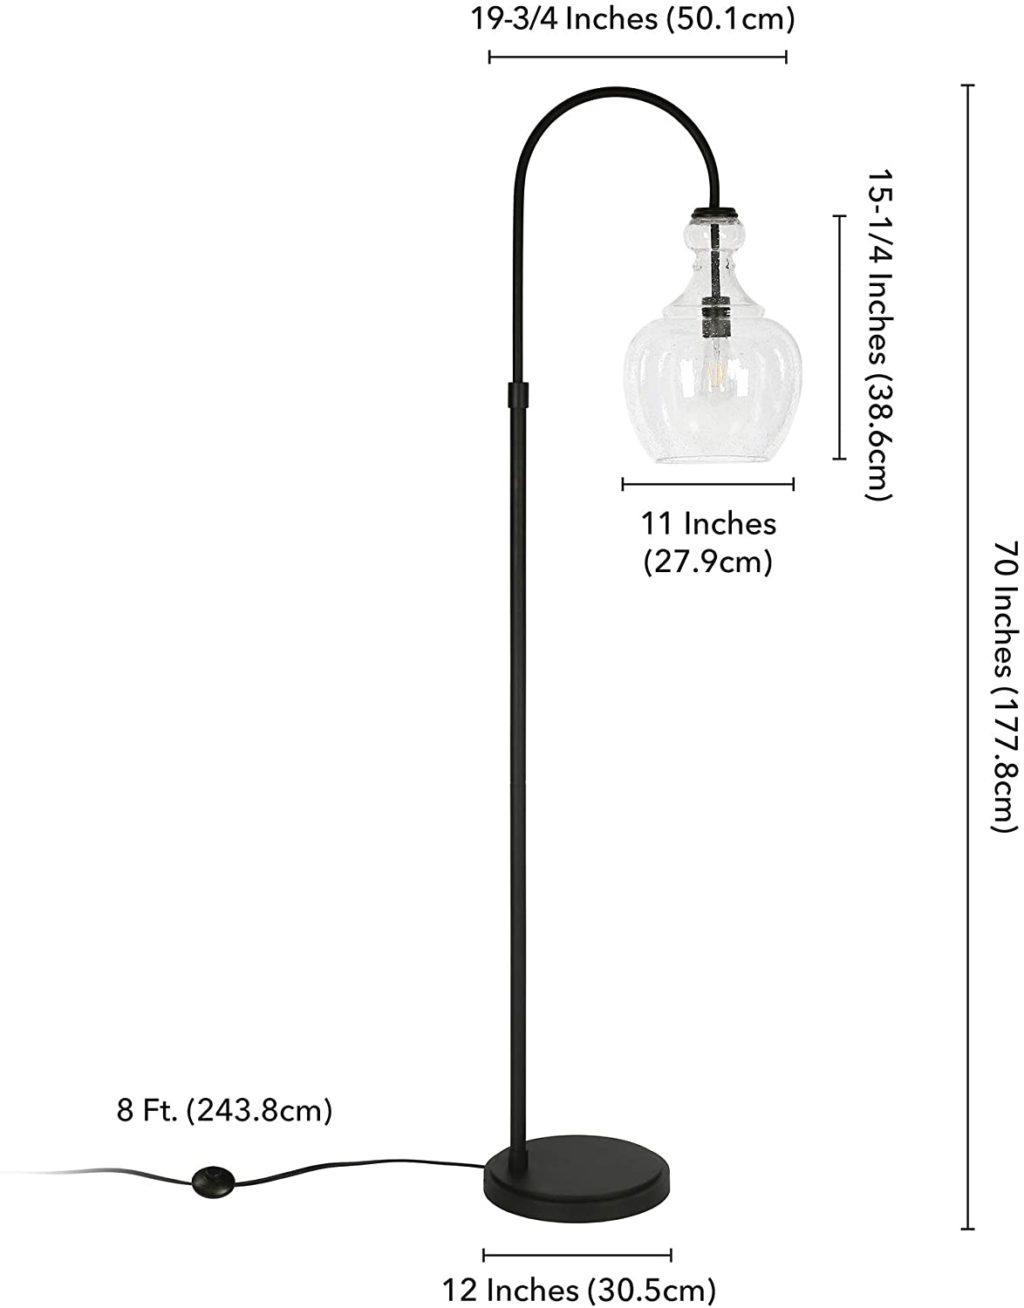 HennHart-Arc-Blackened-Bronze-Floor-Lamp.-1024x1308 10 Unique Floor Lamps to Brighten Your Living Room